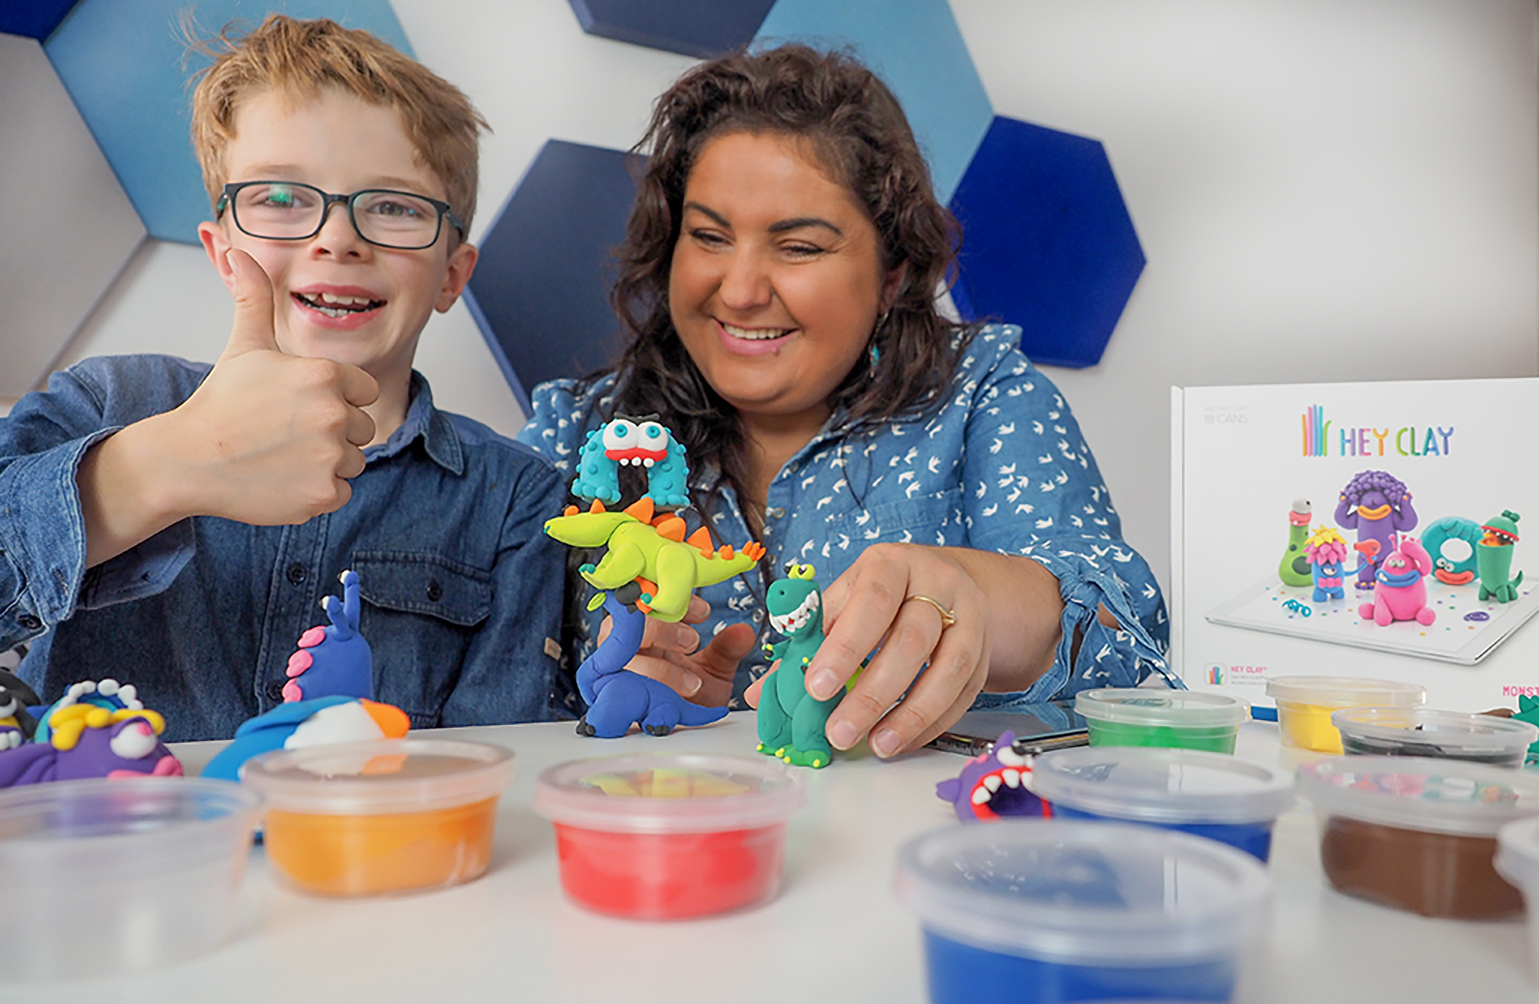 masa kreatywności, dobra zabawa z dzieckiem, mama i dzicko bawią się masą hey clay, dziecko pokazuje kciukiem, że to super zabawa.